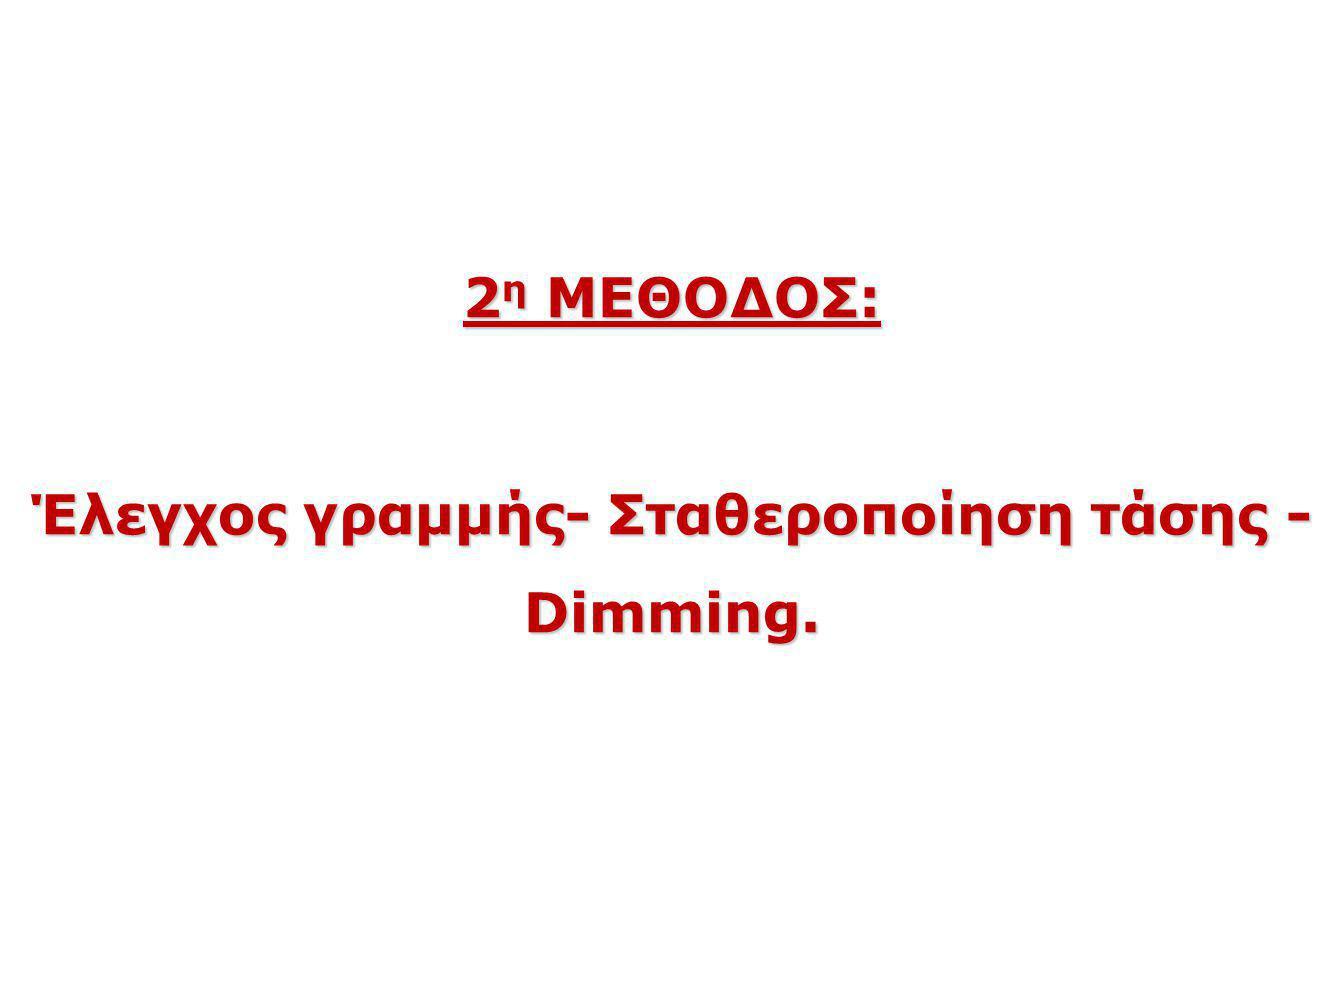 Έλεγχος γραμμής- Σταθεροποίηση τάσης - Dimming.